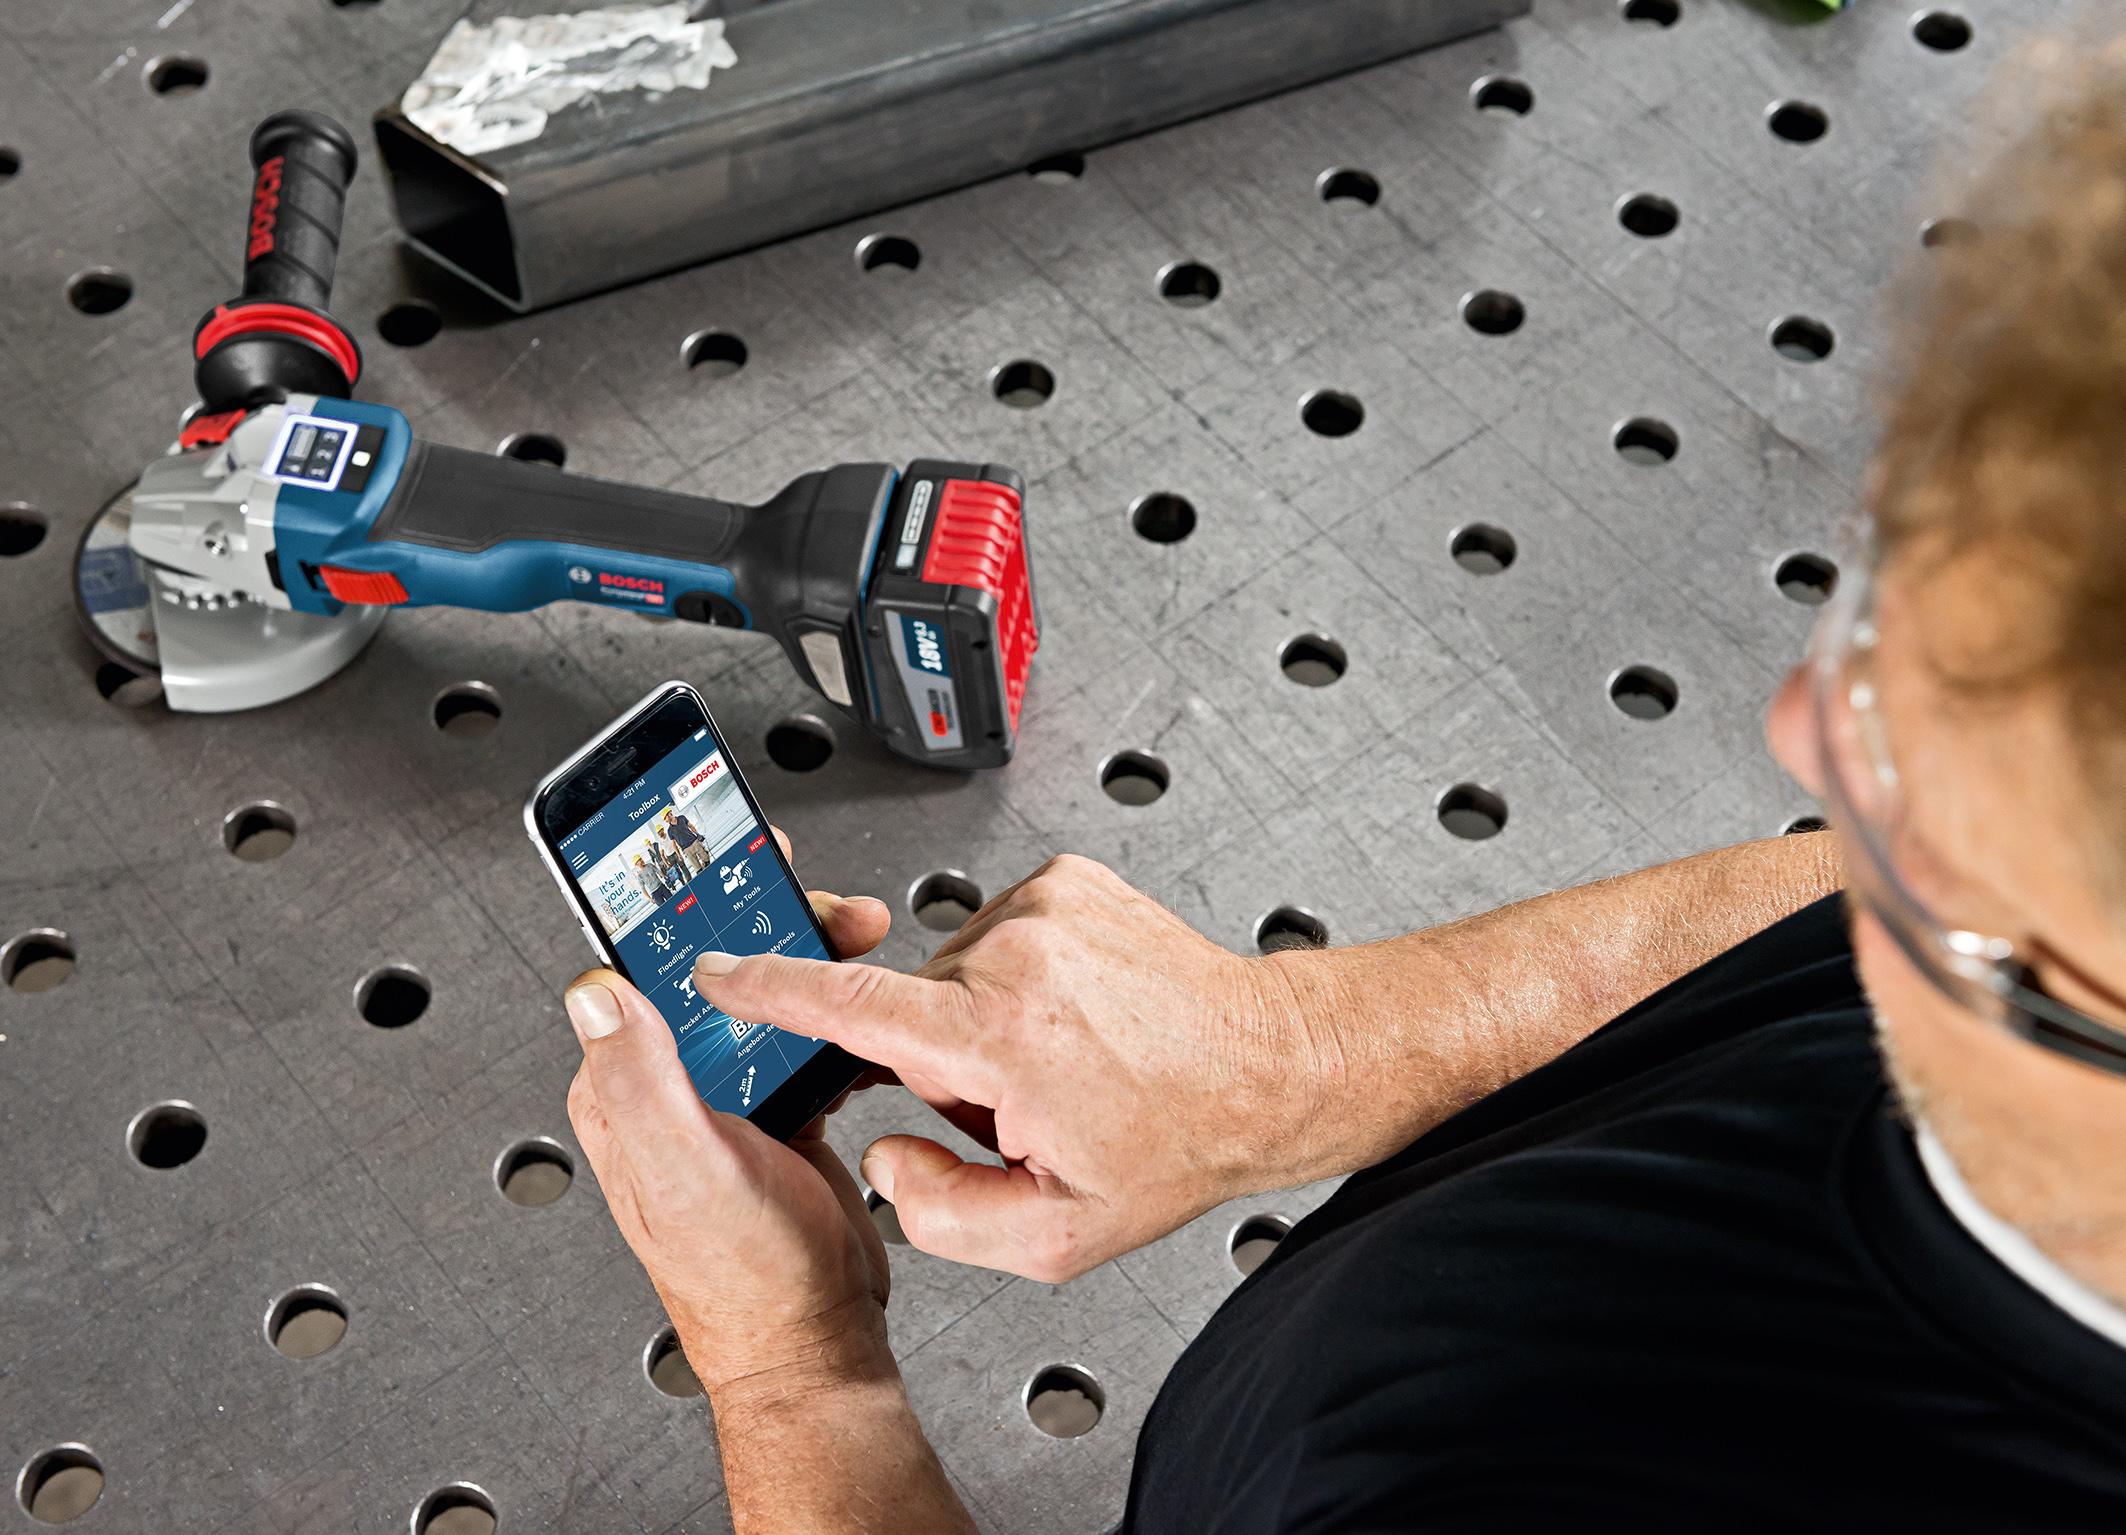 Mehr Effizienz und höherer Bedienkomfort: weltweit erste Connectivity-Winkelschleifer von Bosch für Profis